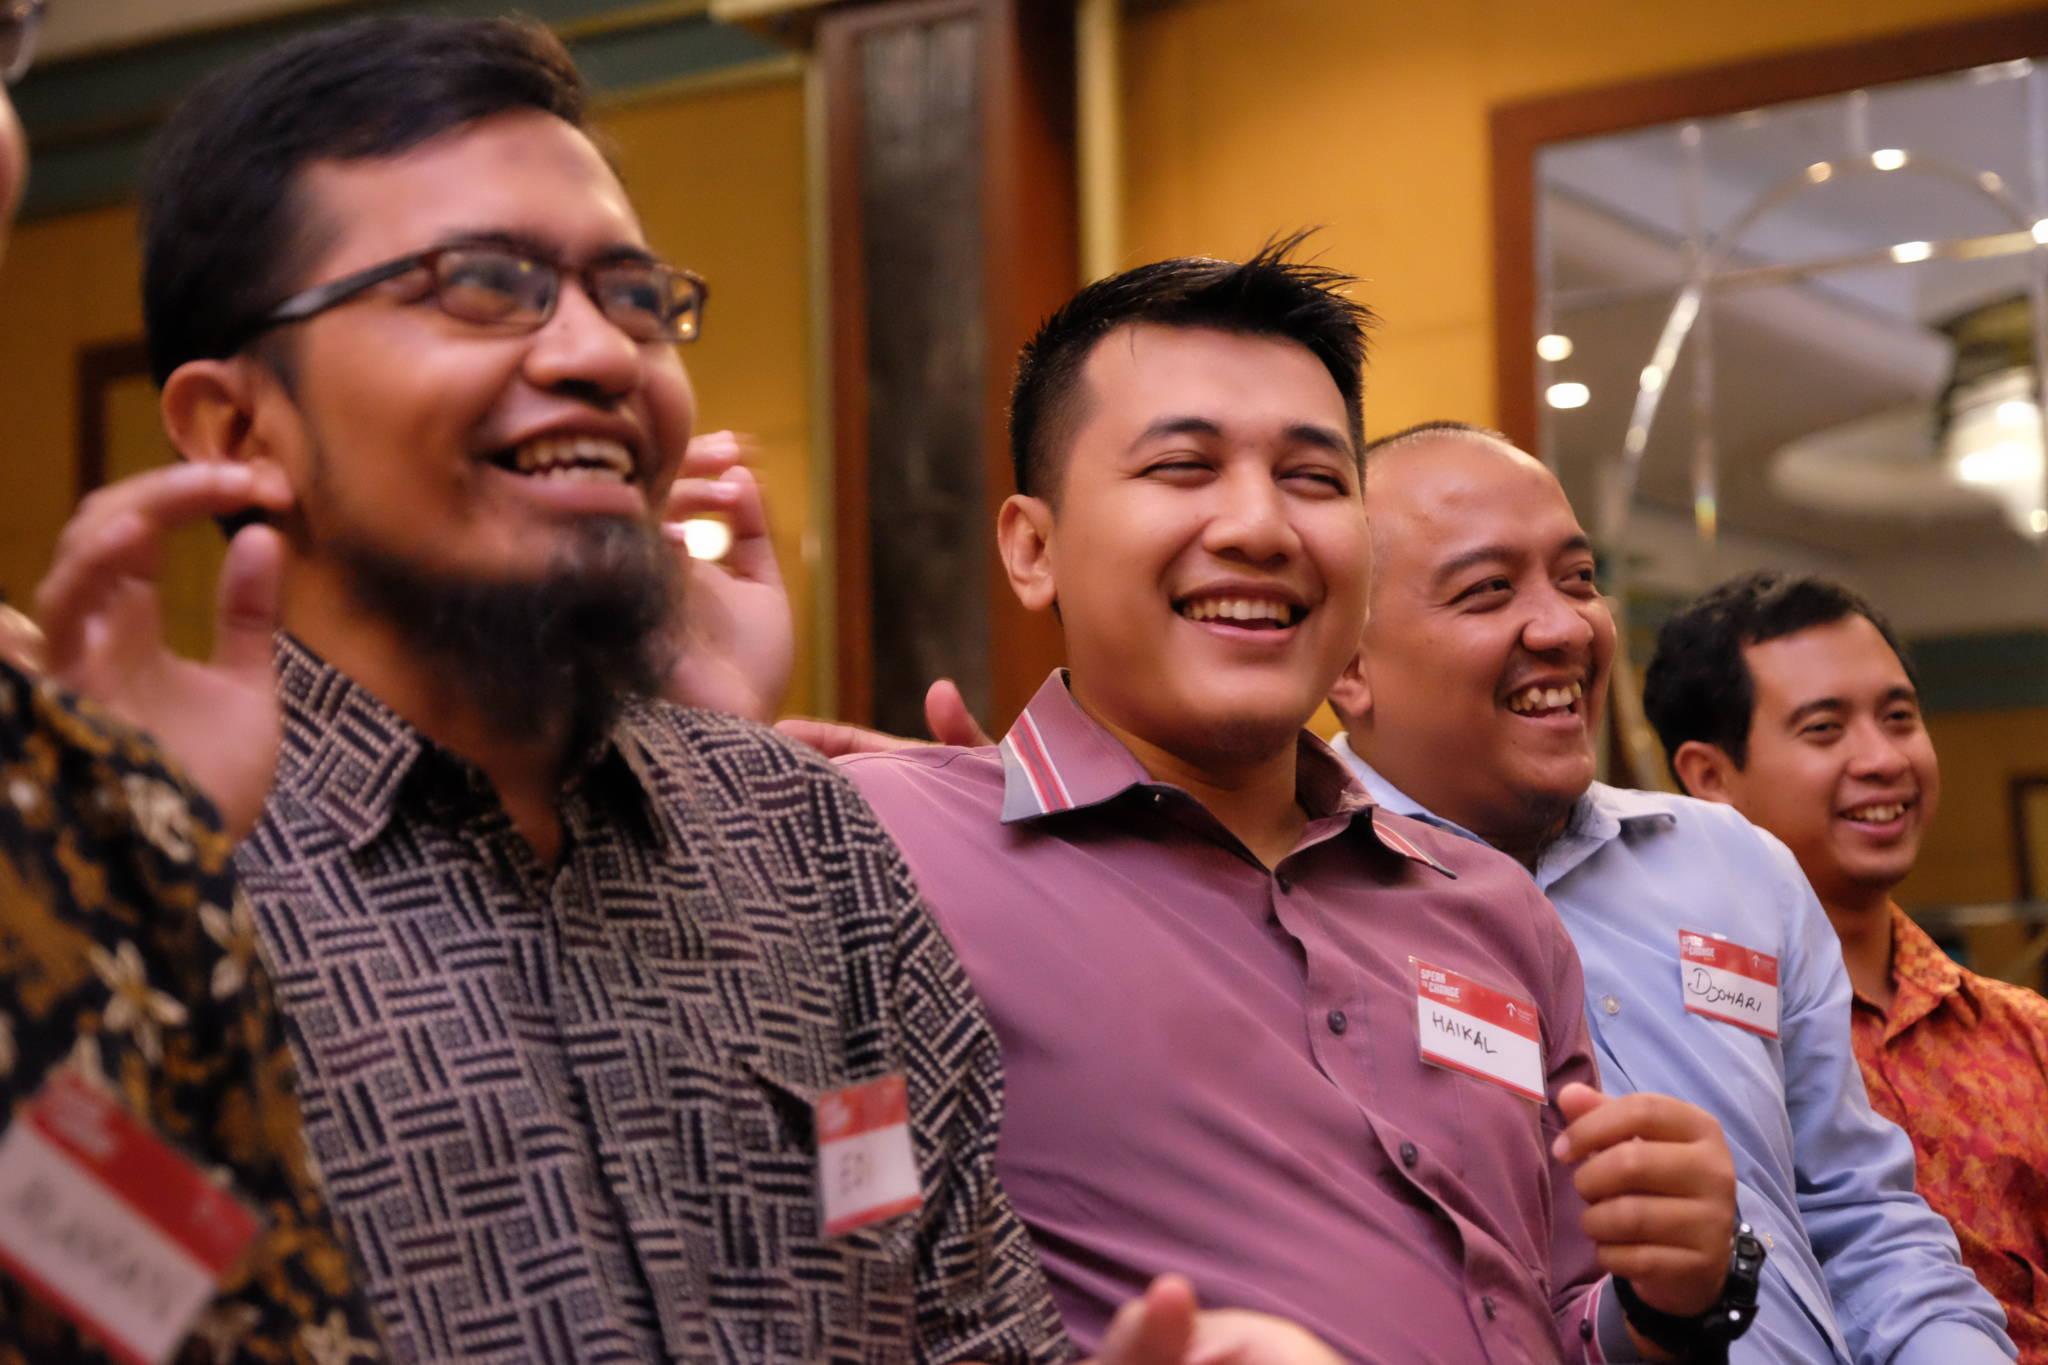 Tiga Kiat untuk Memantik Karyawan dalam Interpersonal Perusahaan - Corporate Training Indonesia